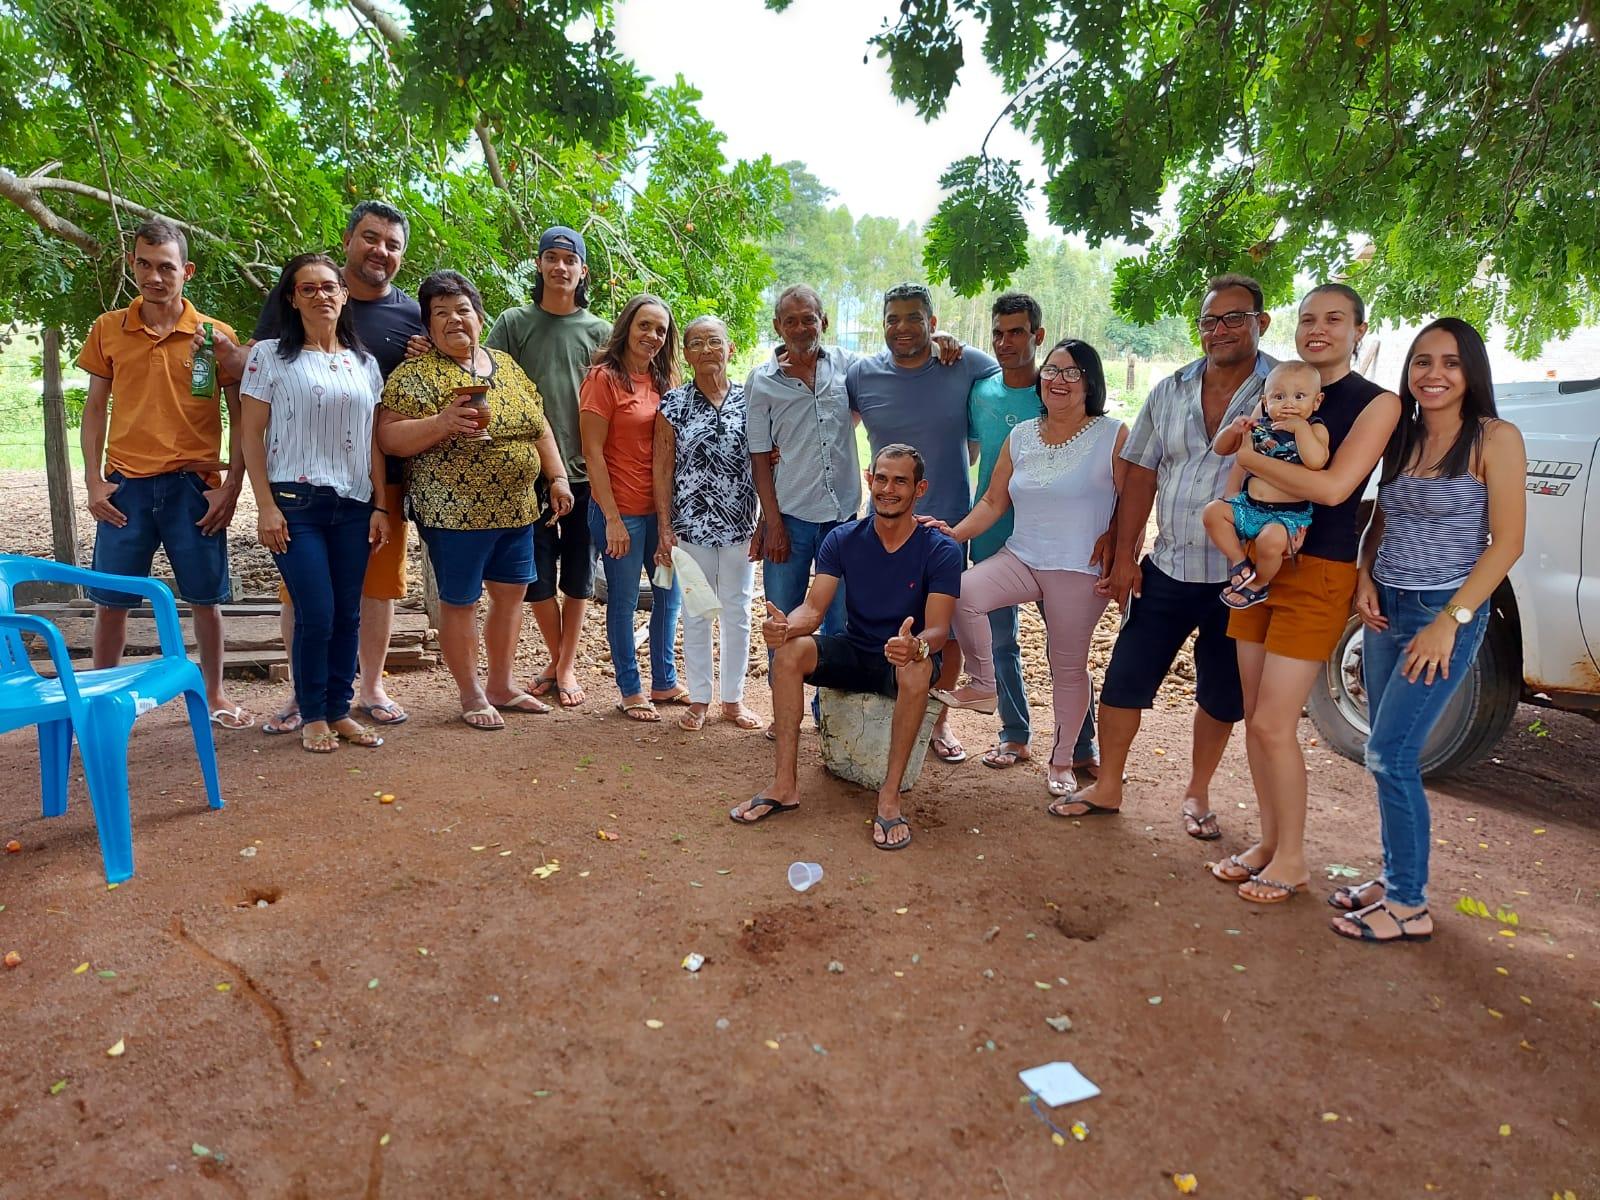 Lourival Celso da Silva reunido com familiares no natal de 2020 (crédito de imagem: Reprodução)